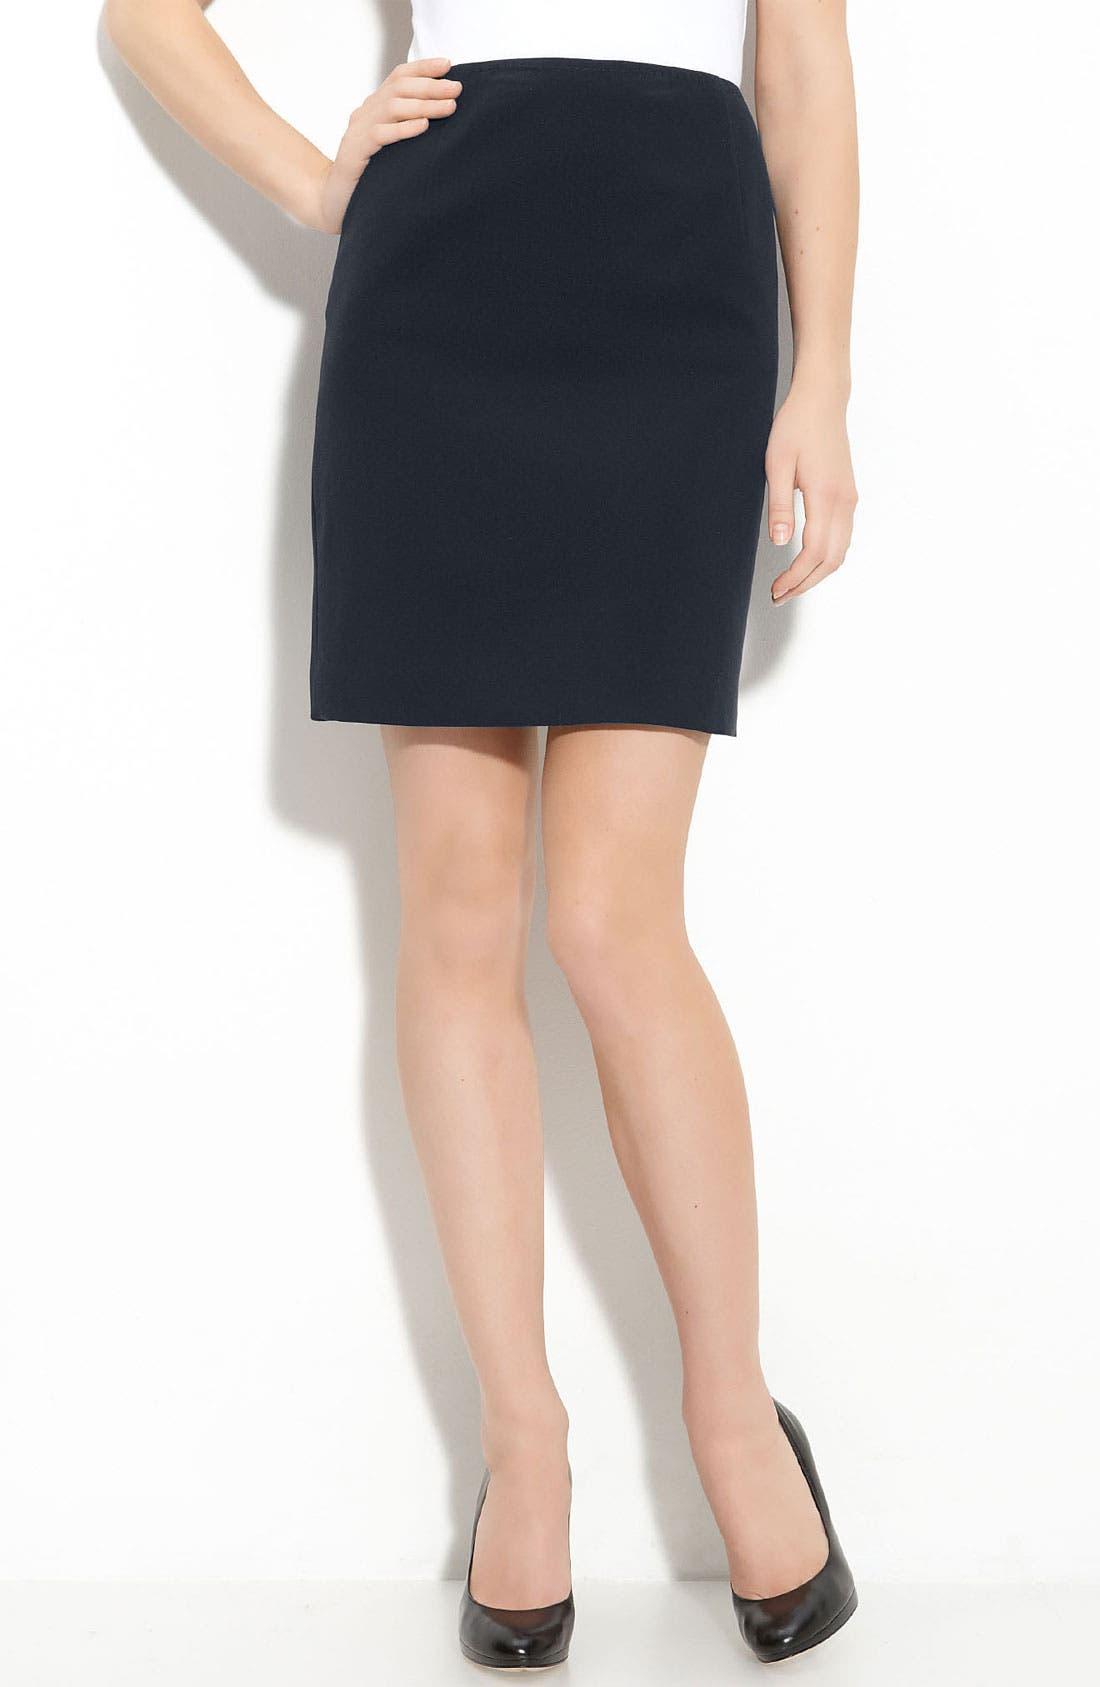 Alternate Image 1 Selected - T Tahari 'Melvina' Pencil Skirt (Petite)